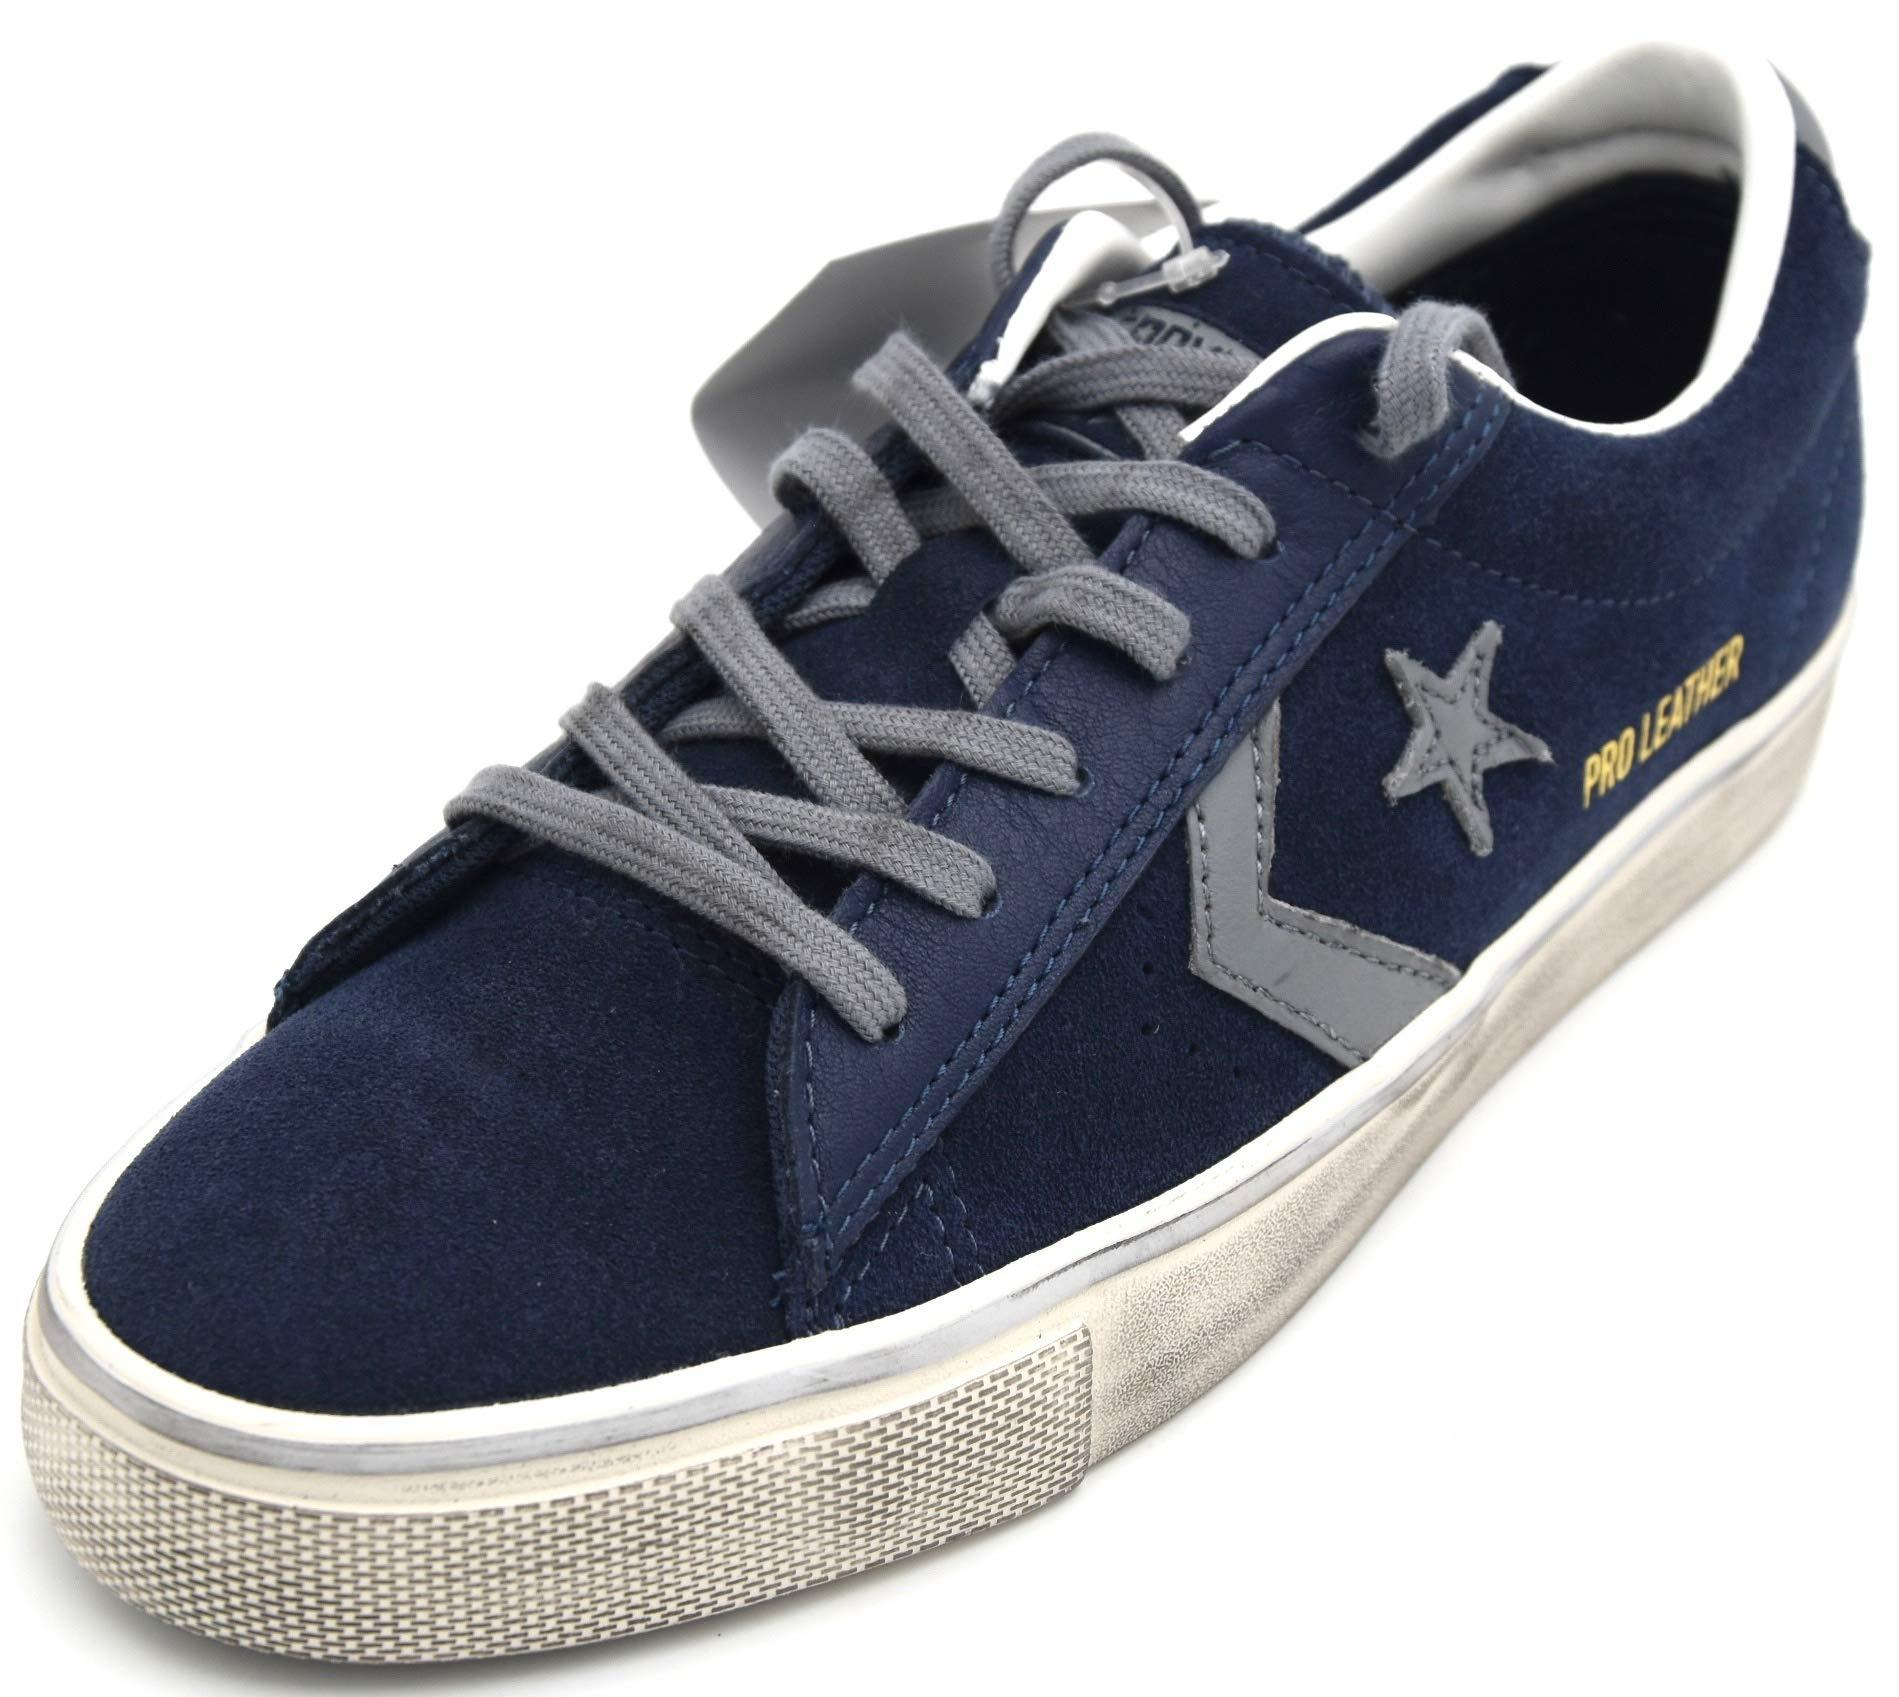 All Star 158947C Pro Leather Chaussures de sport unisexe pour ...